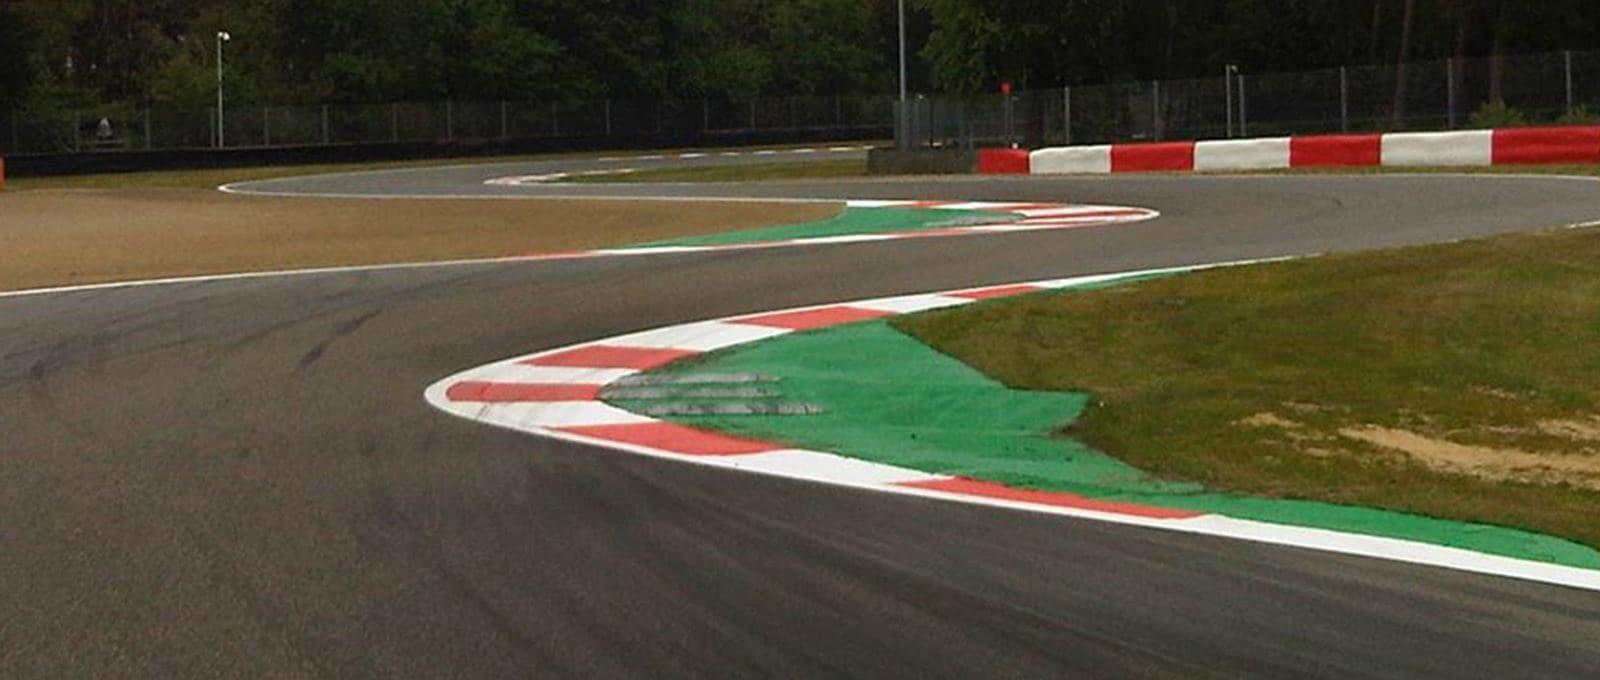 Plannen voor wielerwedstrijden op Circuit Zolder